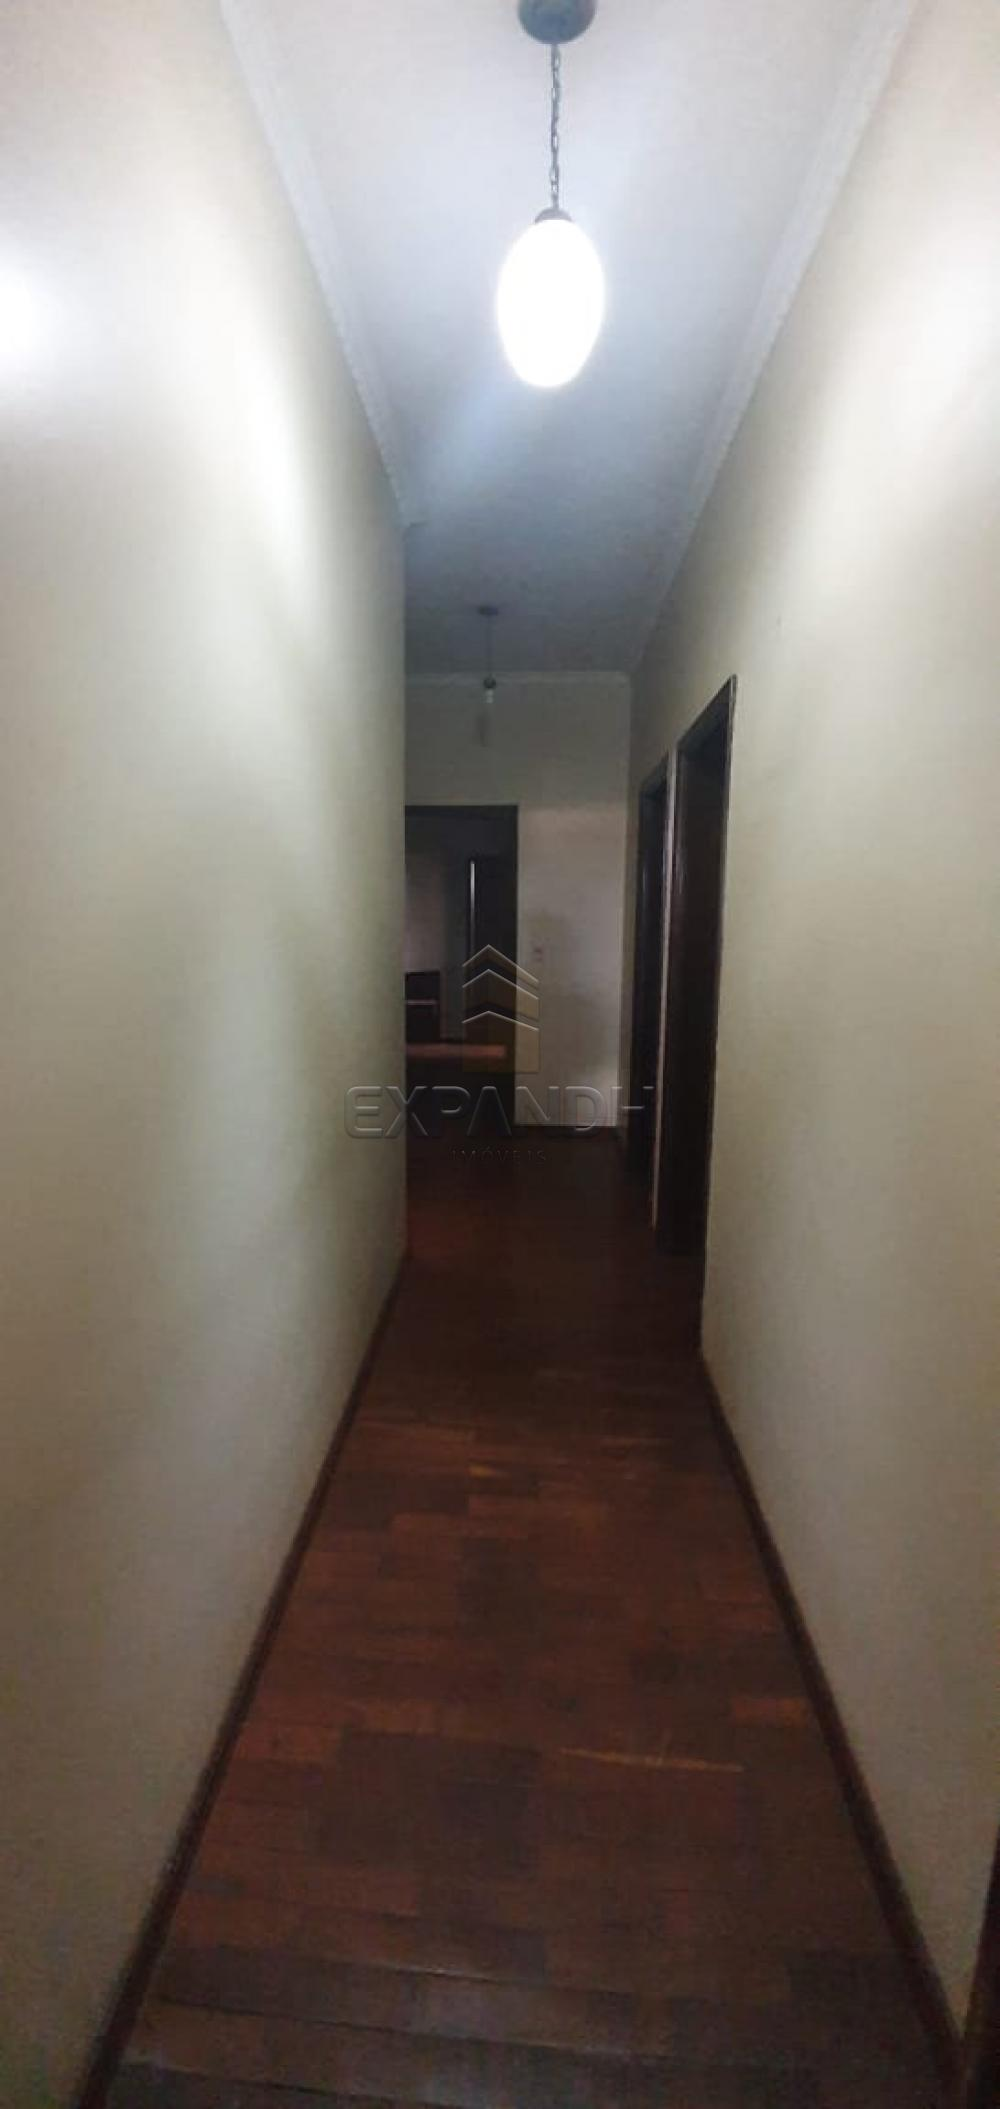 Comprar Apartamentos / Padrão em Sertãozinho apenas R$ 650.000,00 - Foto 5